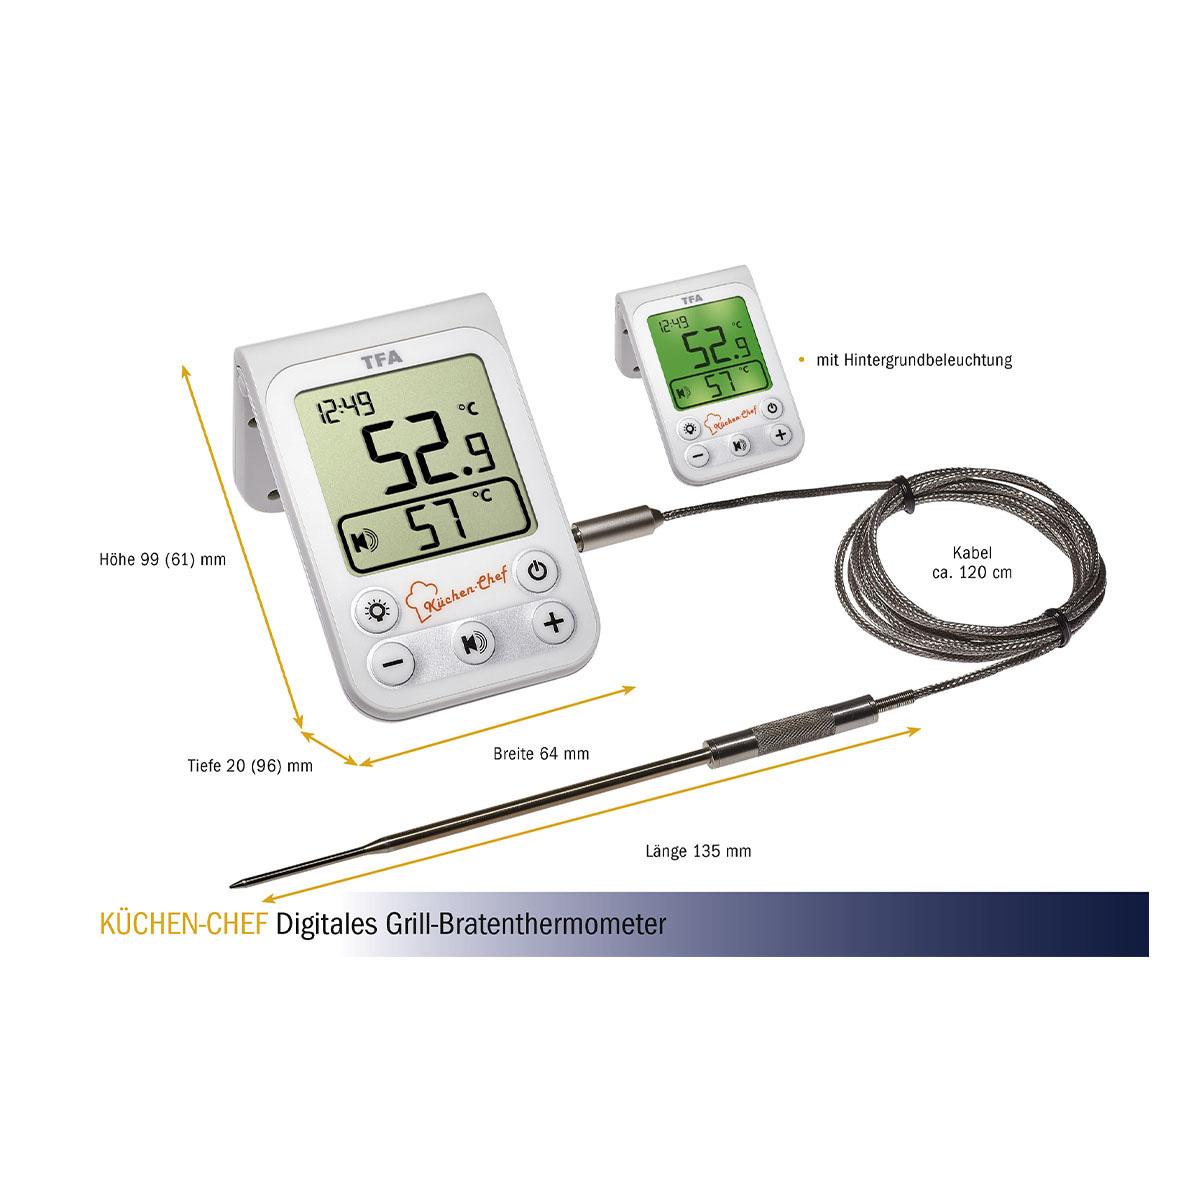 14-1510-02-digitales-grill-bratenthermometer-küchen-chef-abmessungen-1200x1200px.jpg